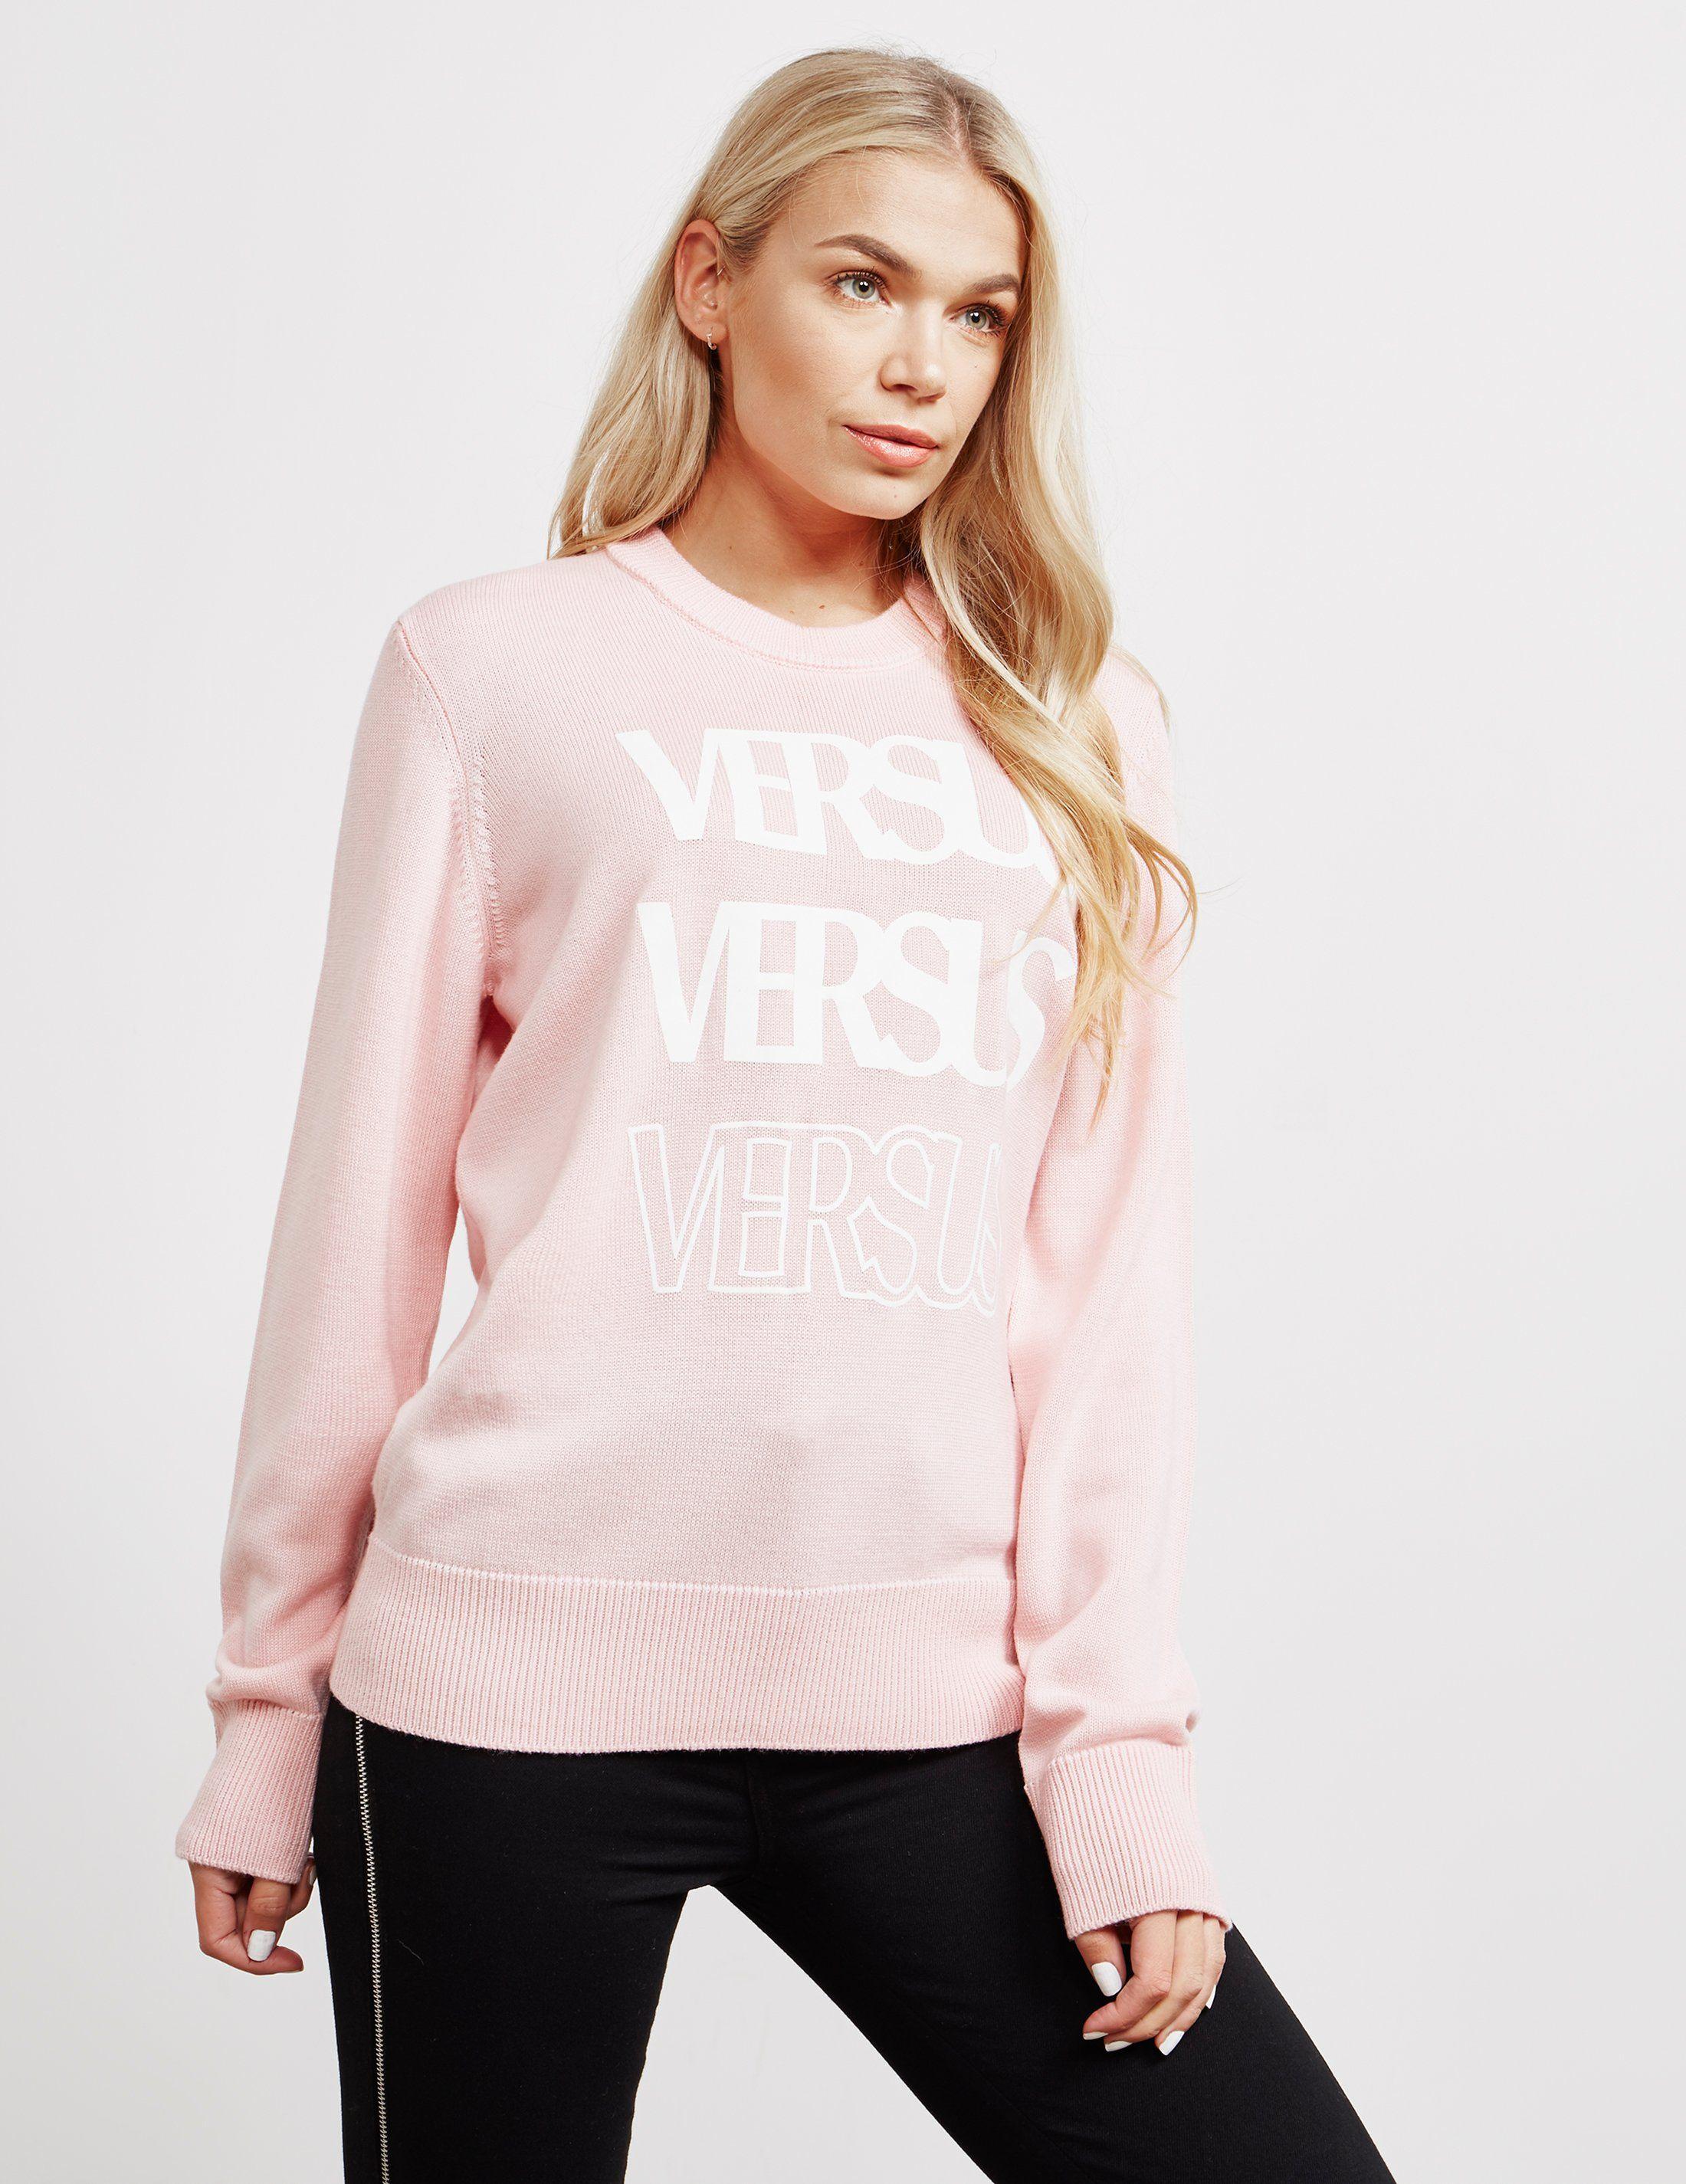 Versus Versace 3 Logo Jumper - Online Exclusive